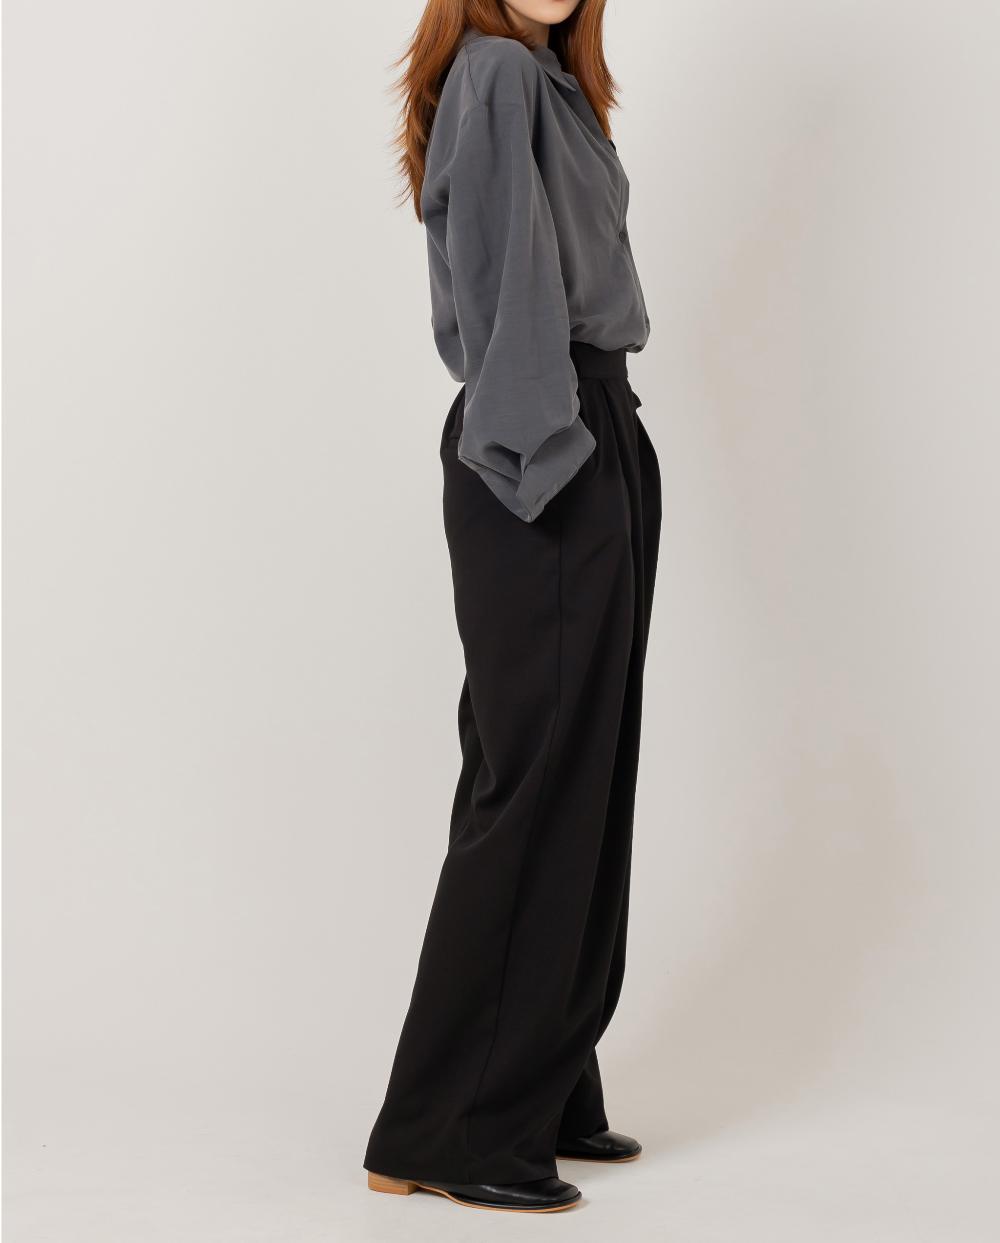 바지 모델 착용 이미지-S1L79